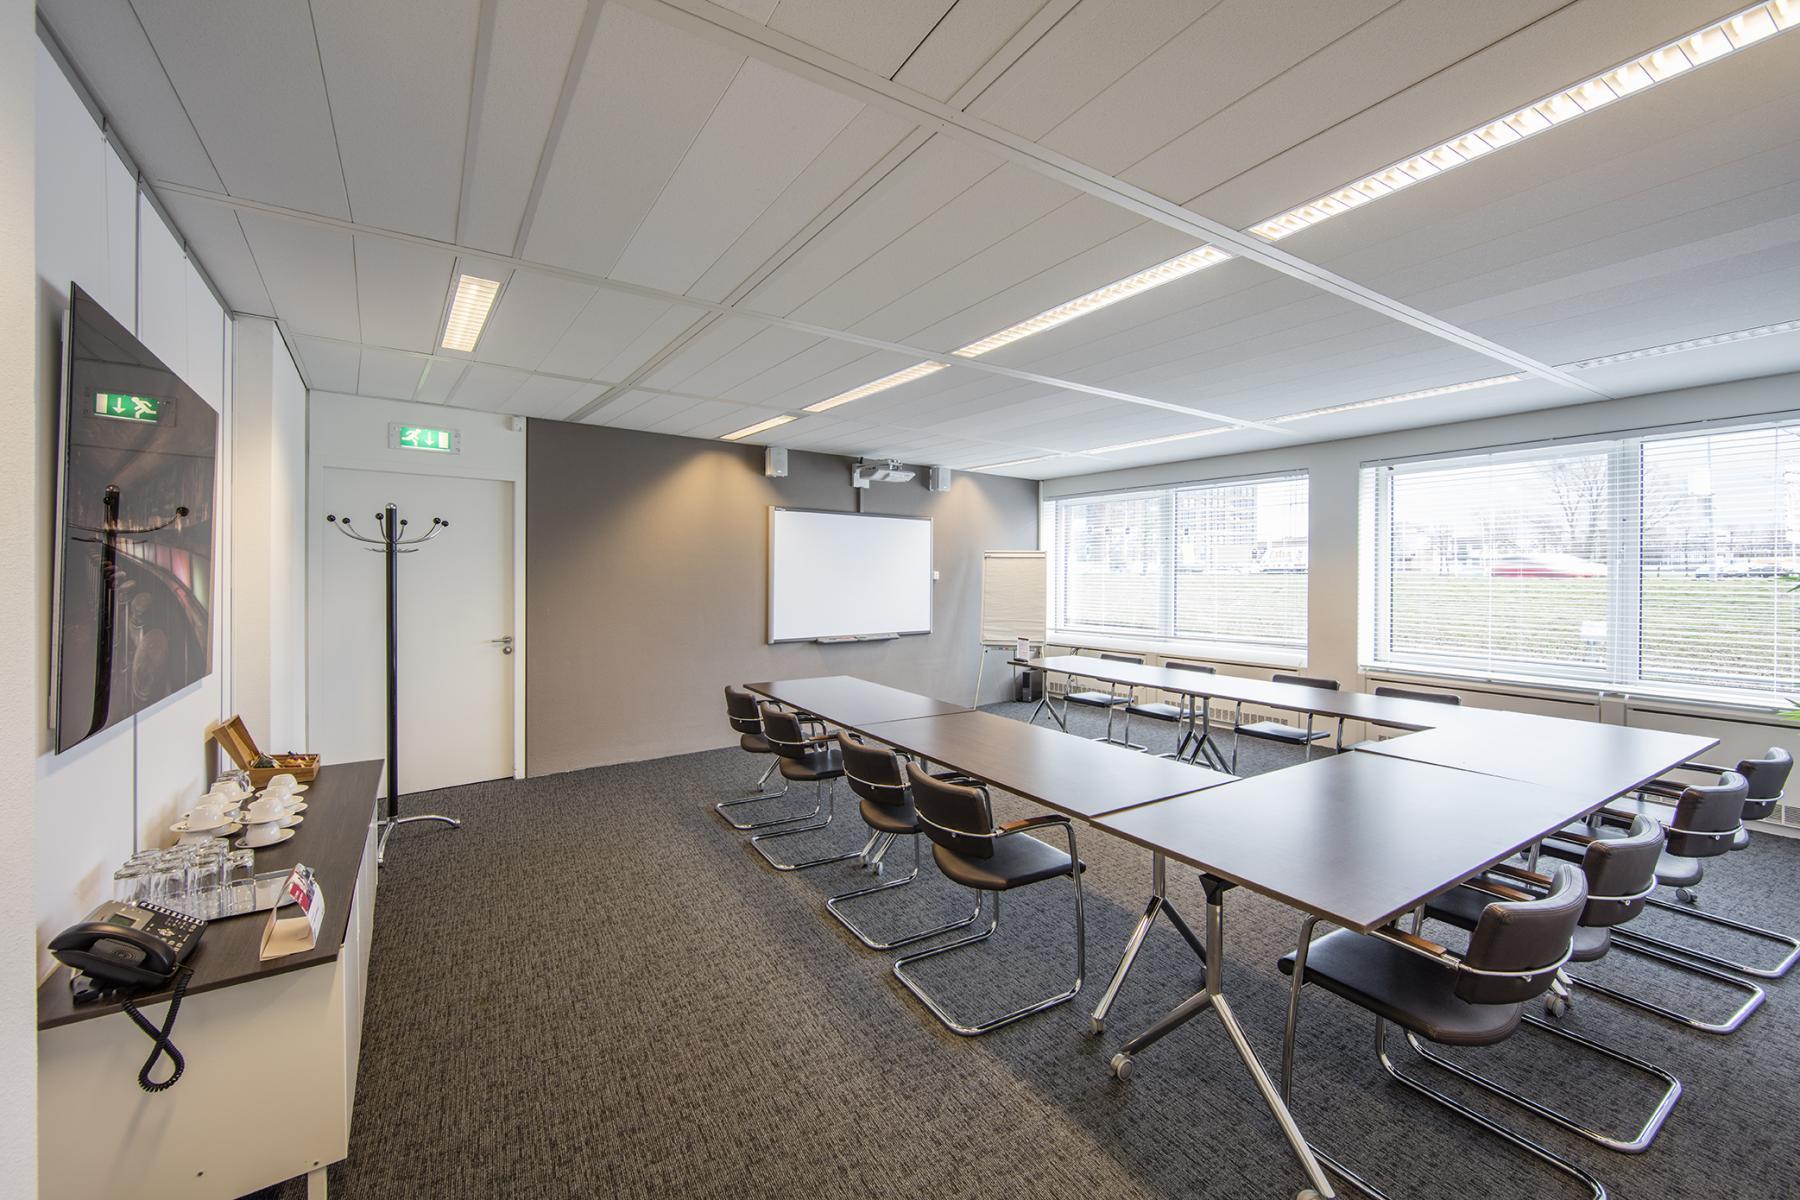 vergaderruimte presentatiemogelijkheden hoofddorp polarisavenue